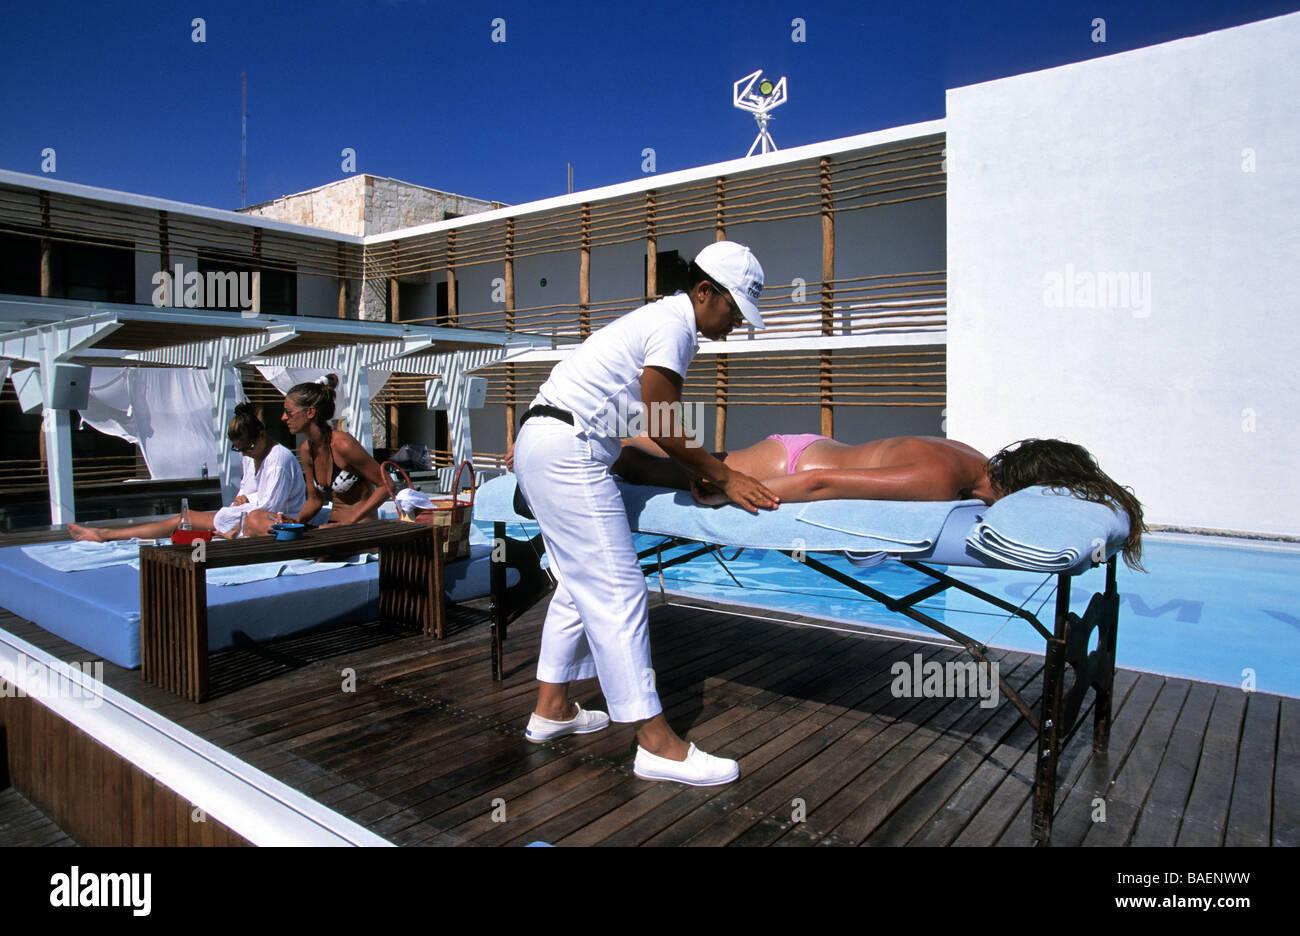 México, Estado de Yucatán, la Riviera Maya, paraíso de la Bonita Hotel, masaje neaar la piscina Imagen De Stock